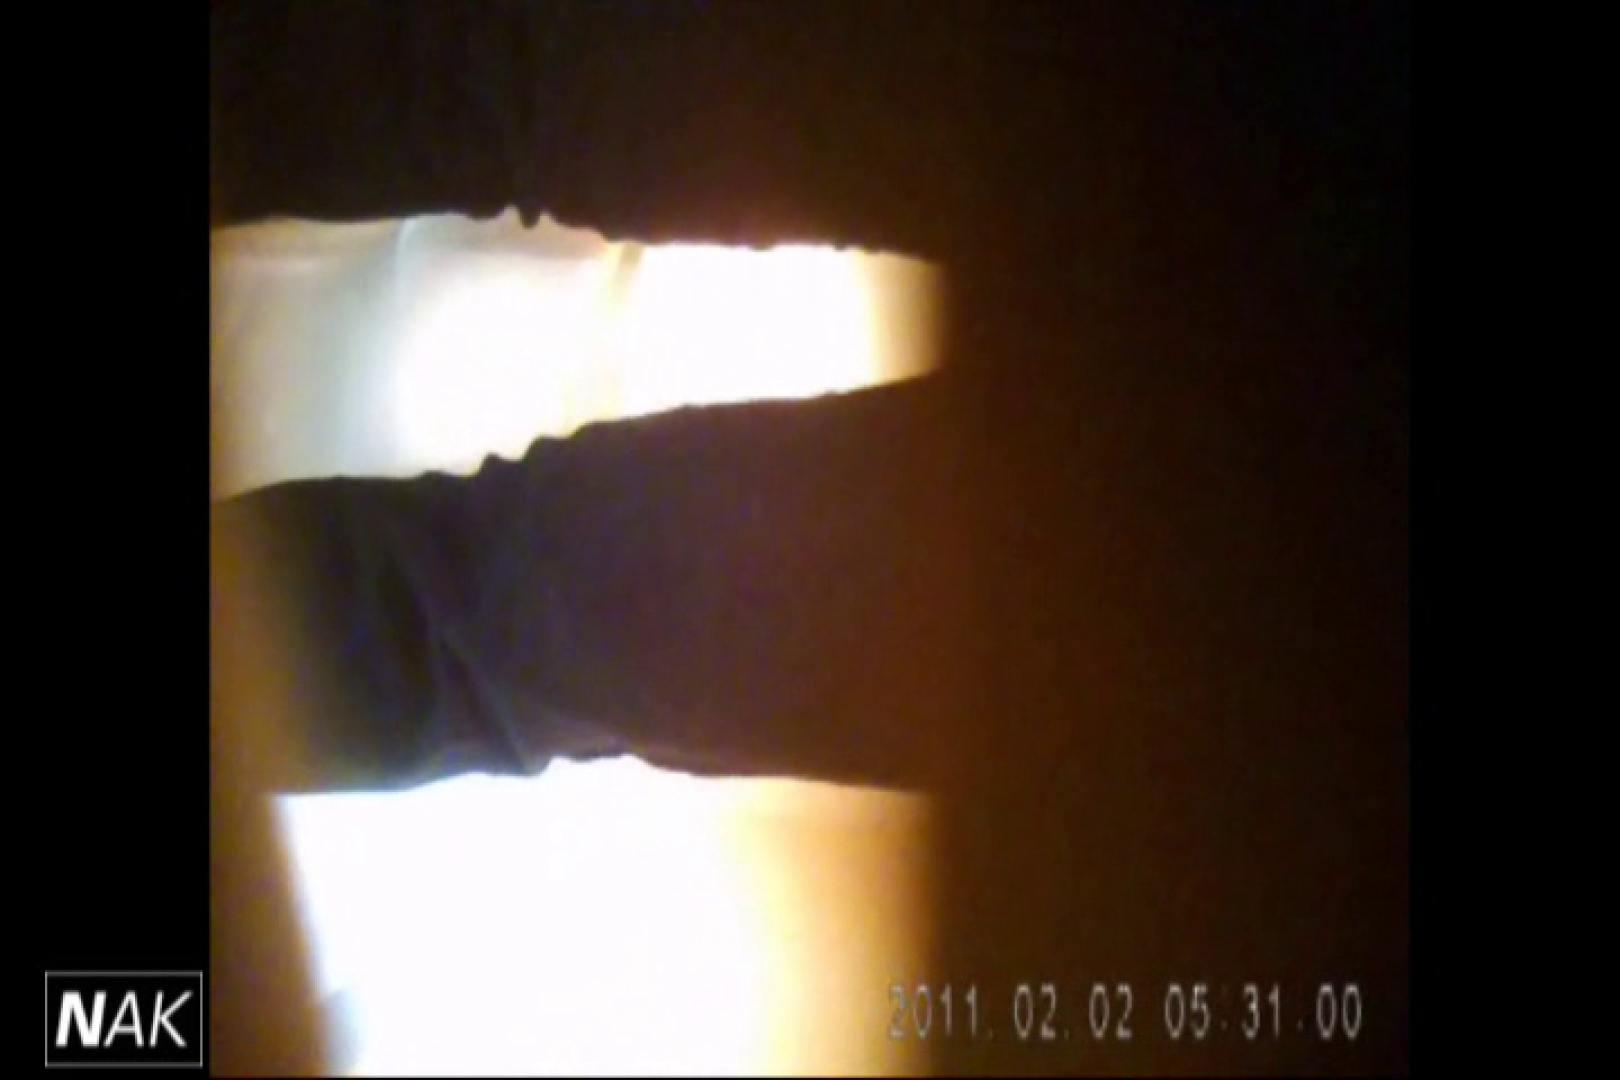 せん八さんの厠観察日記!2点監視カメラ 高画質5000K vol.01 高画質 オマンコ無修正動画無料 113pic 25